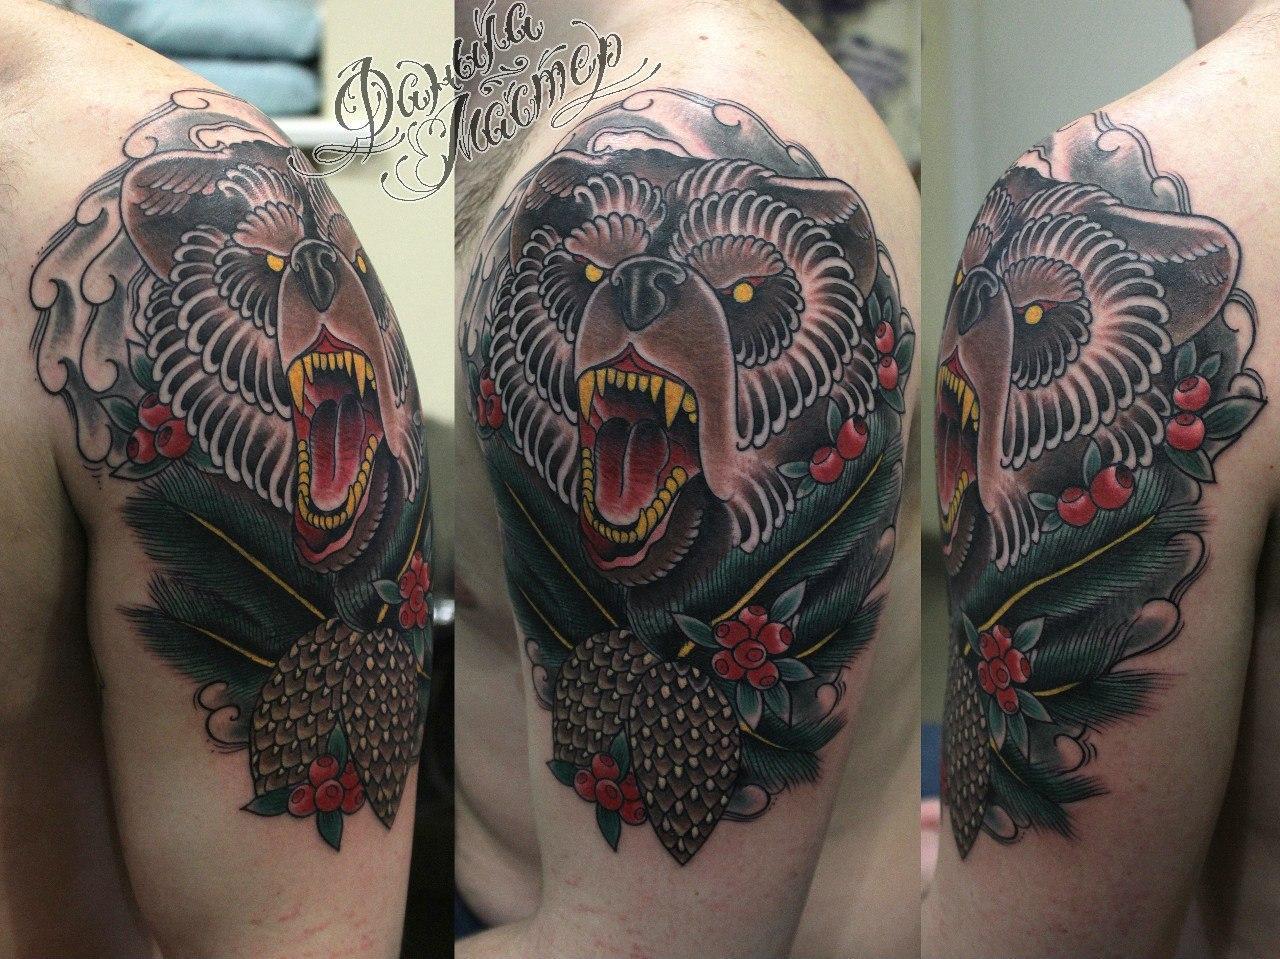 Художественная татуировка «Медведь» от Данилы-мастера. Место нанесения: плечо, по своему эскизу.